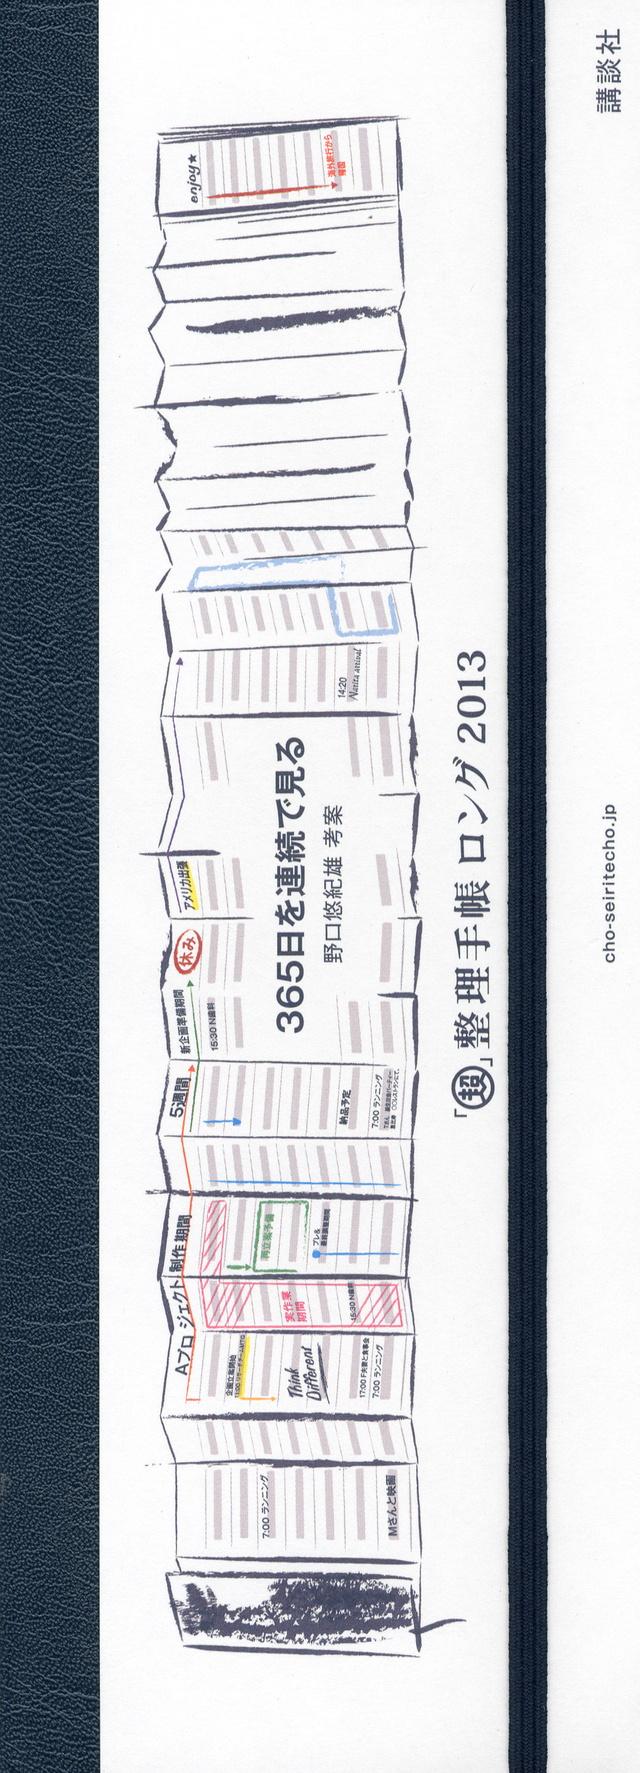 「超」整理手帳 ロング2013 365日を連続で見る